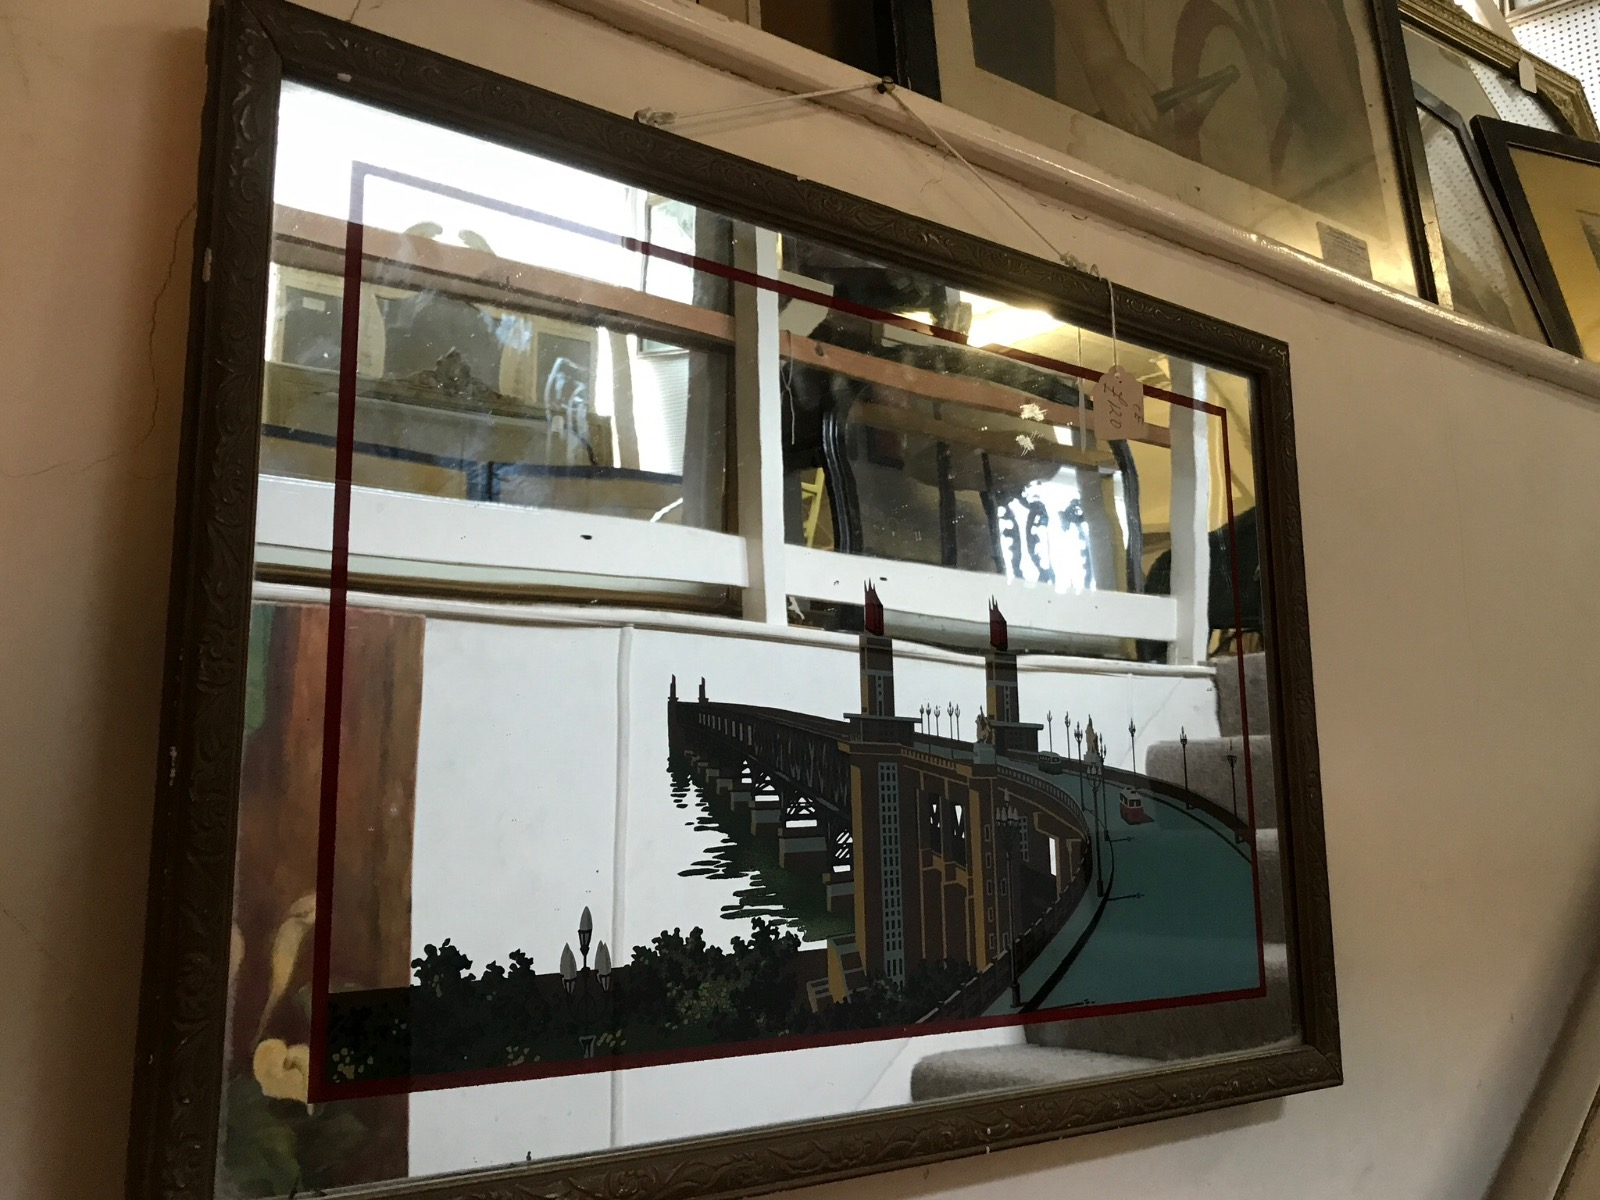 Retro / Deco Wall Mirror (1 of 1)